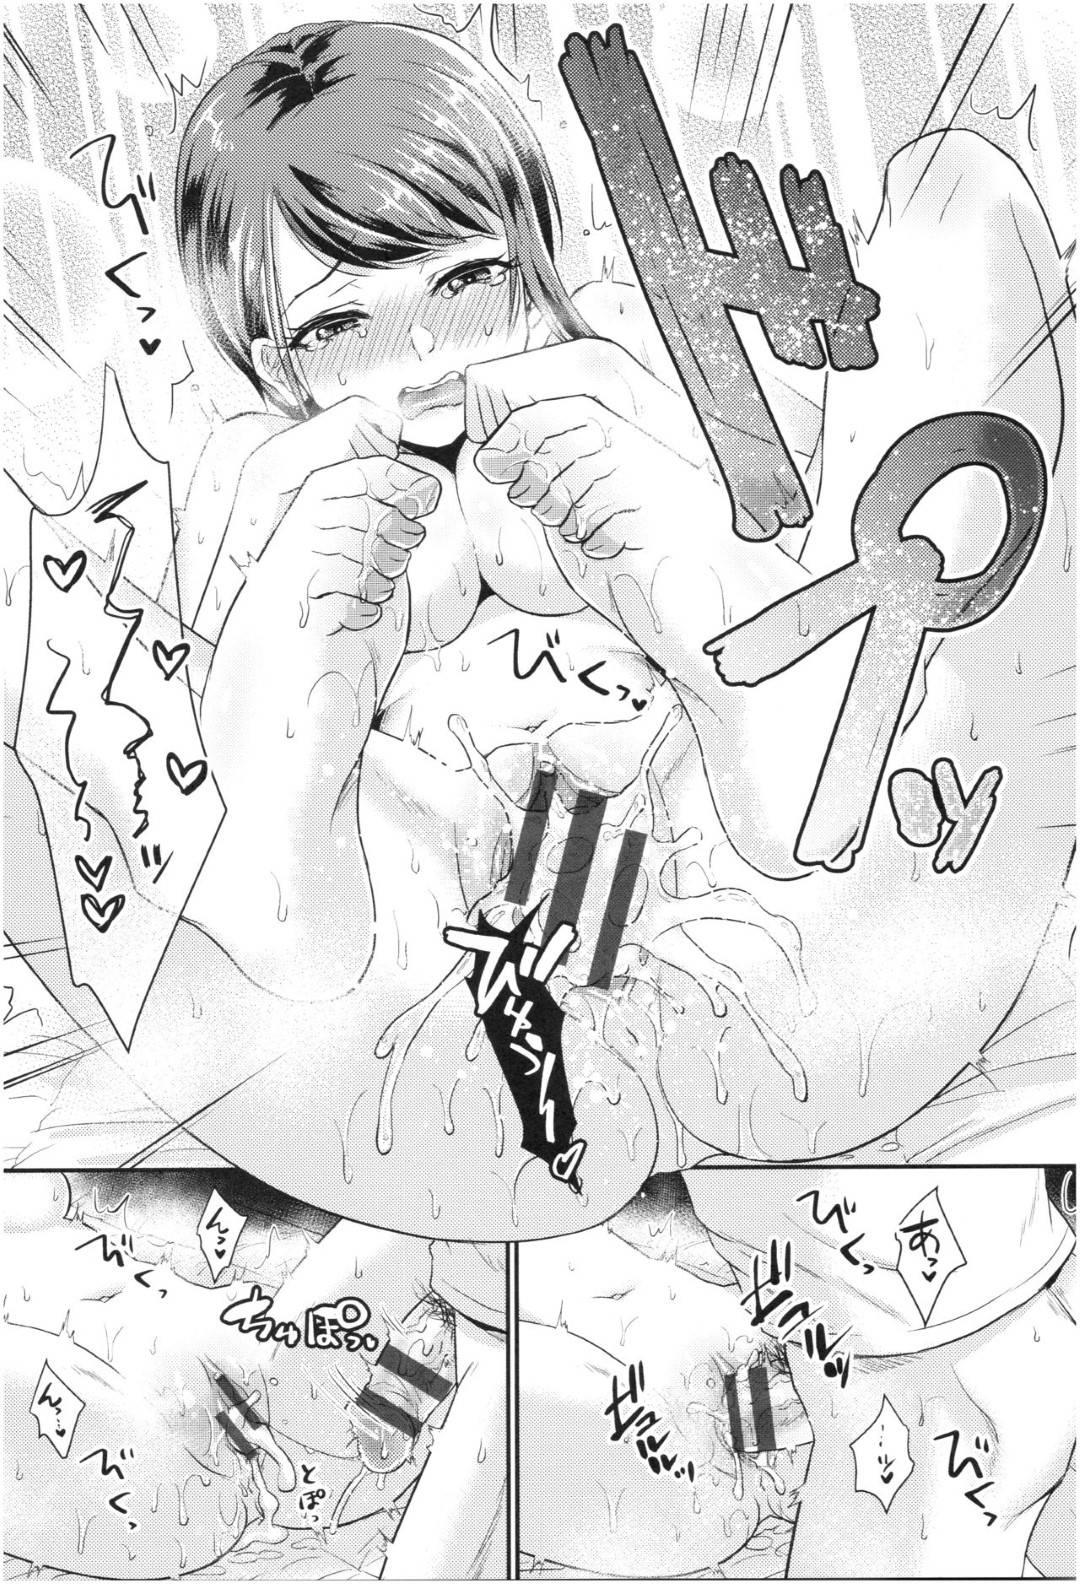 【エロ漫画】着替え中に意中の彼が現れてロッカーに隠れてイチャラブセックス【篠岡ほまれ/敏感スウェット】